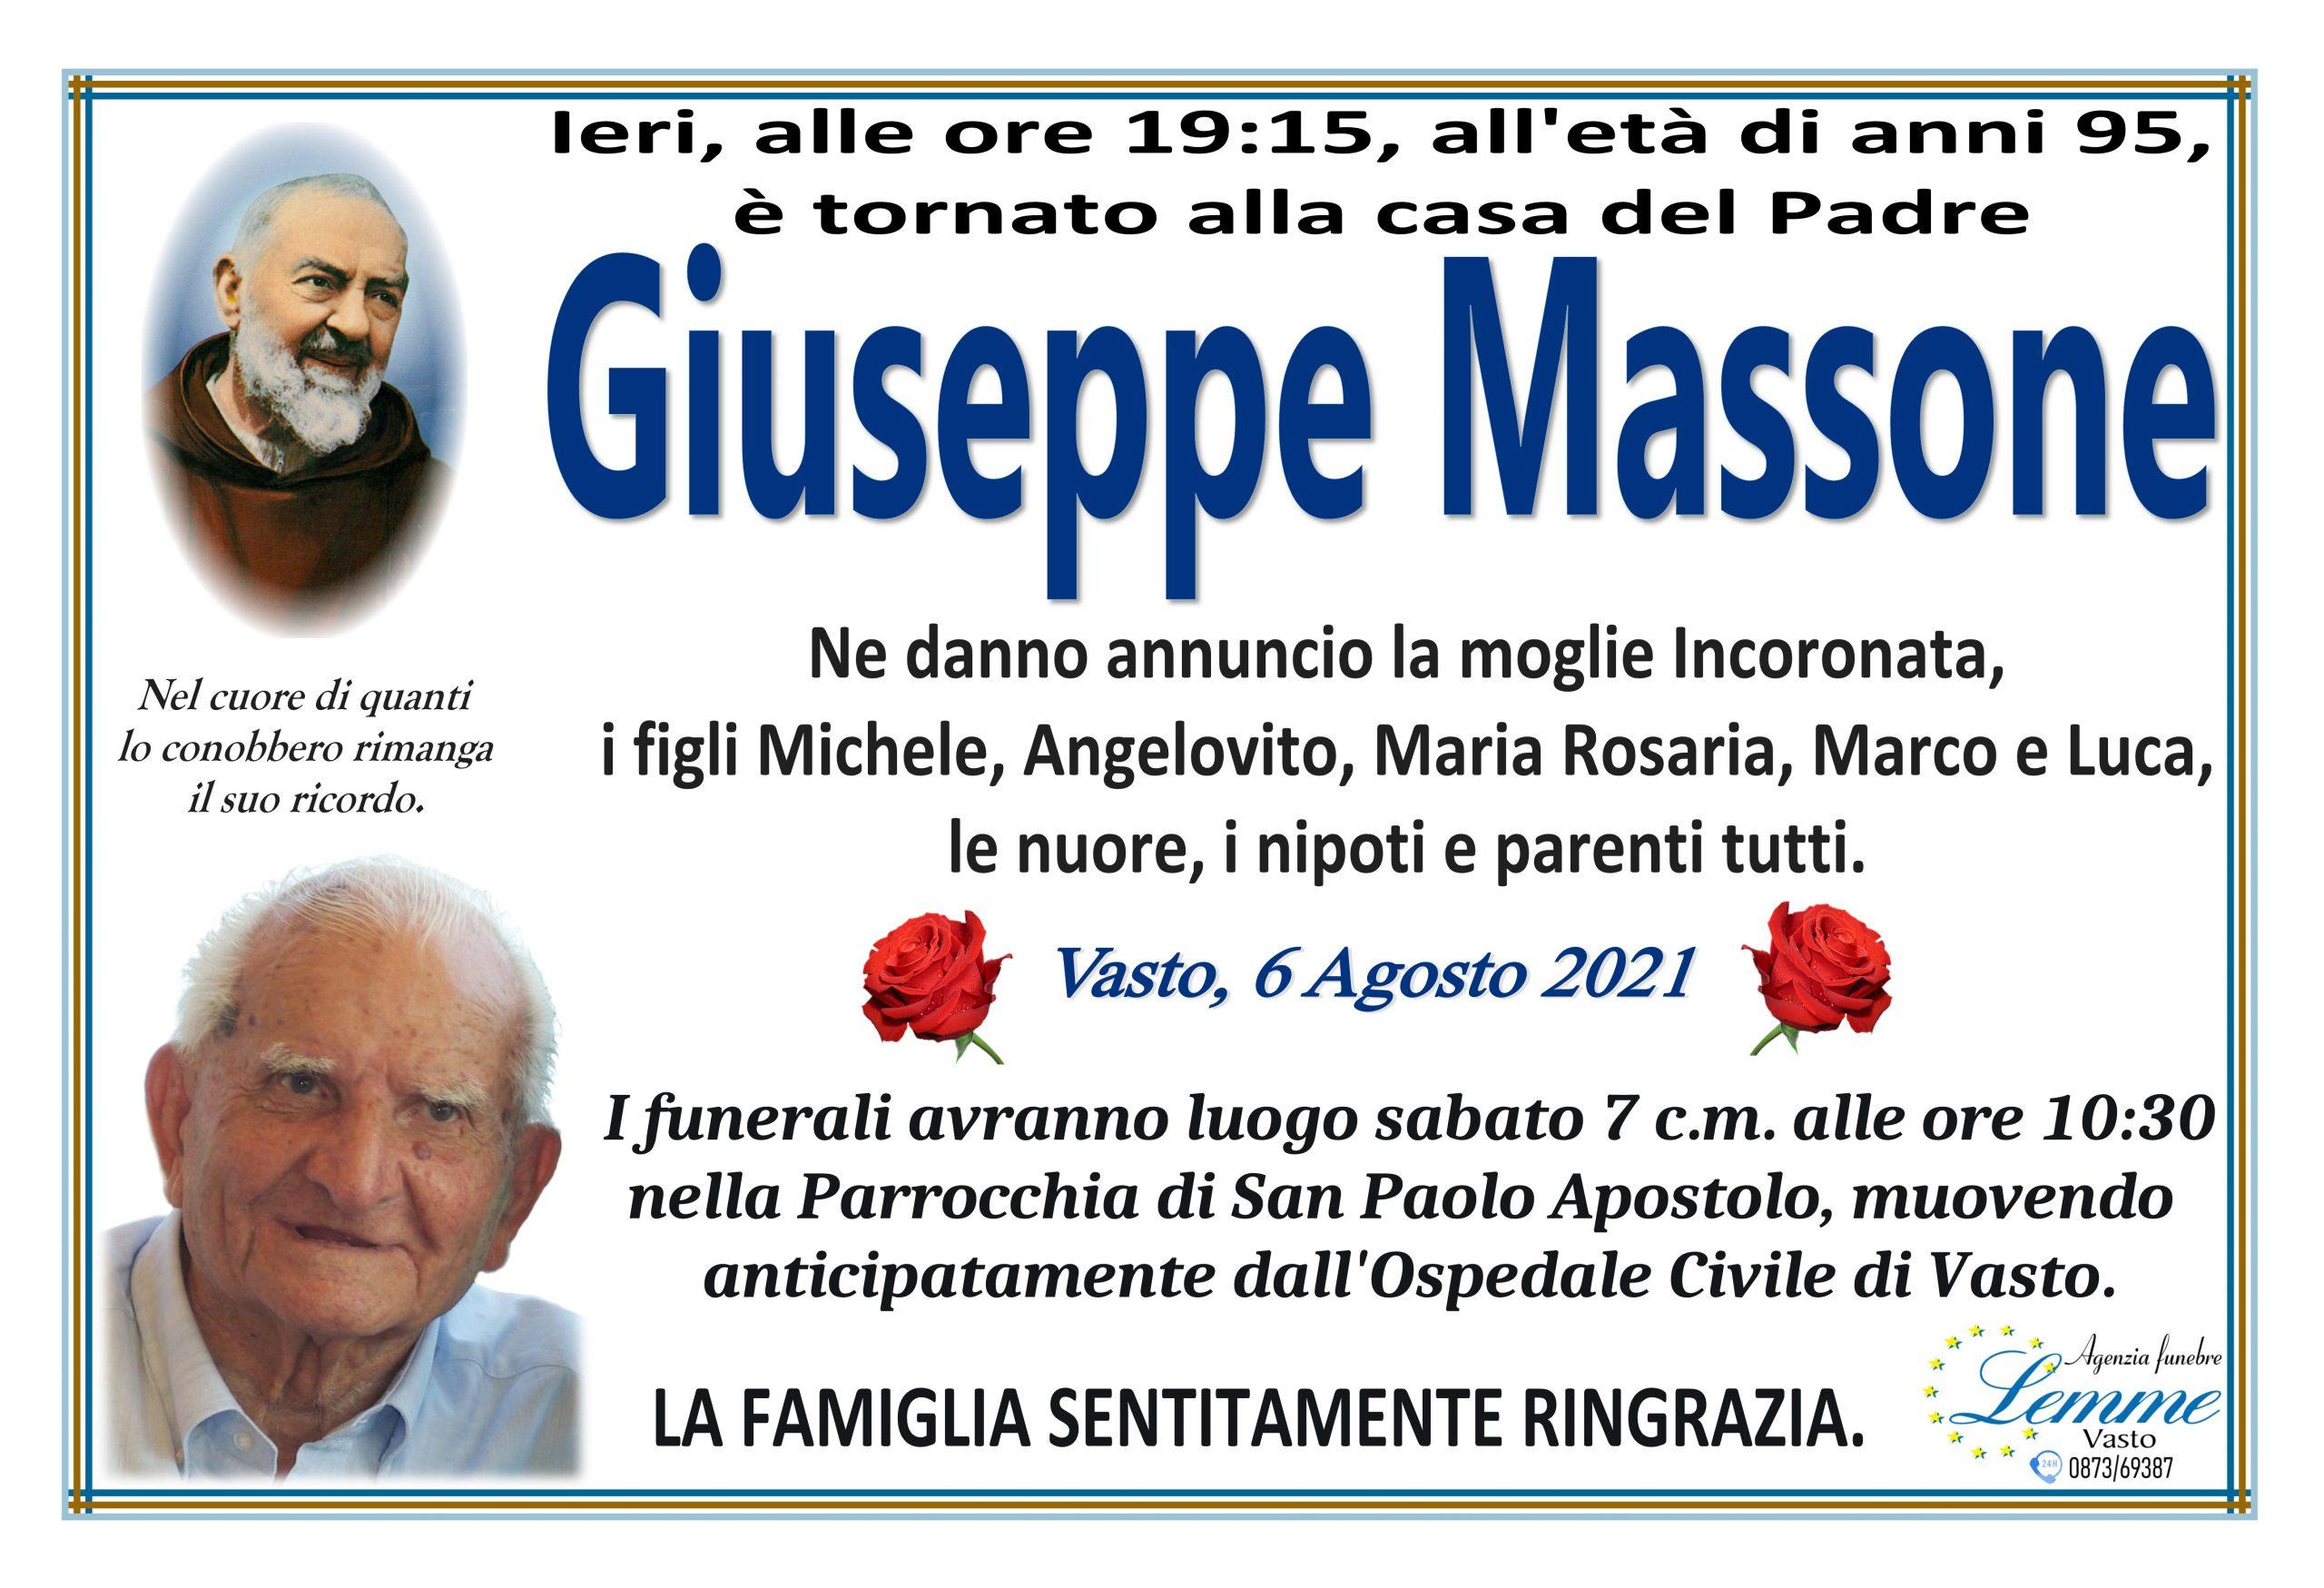 GIUSEPPE MASSONE